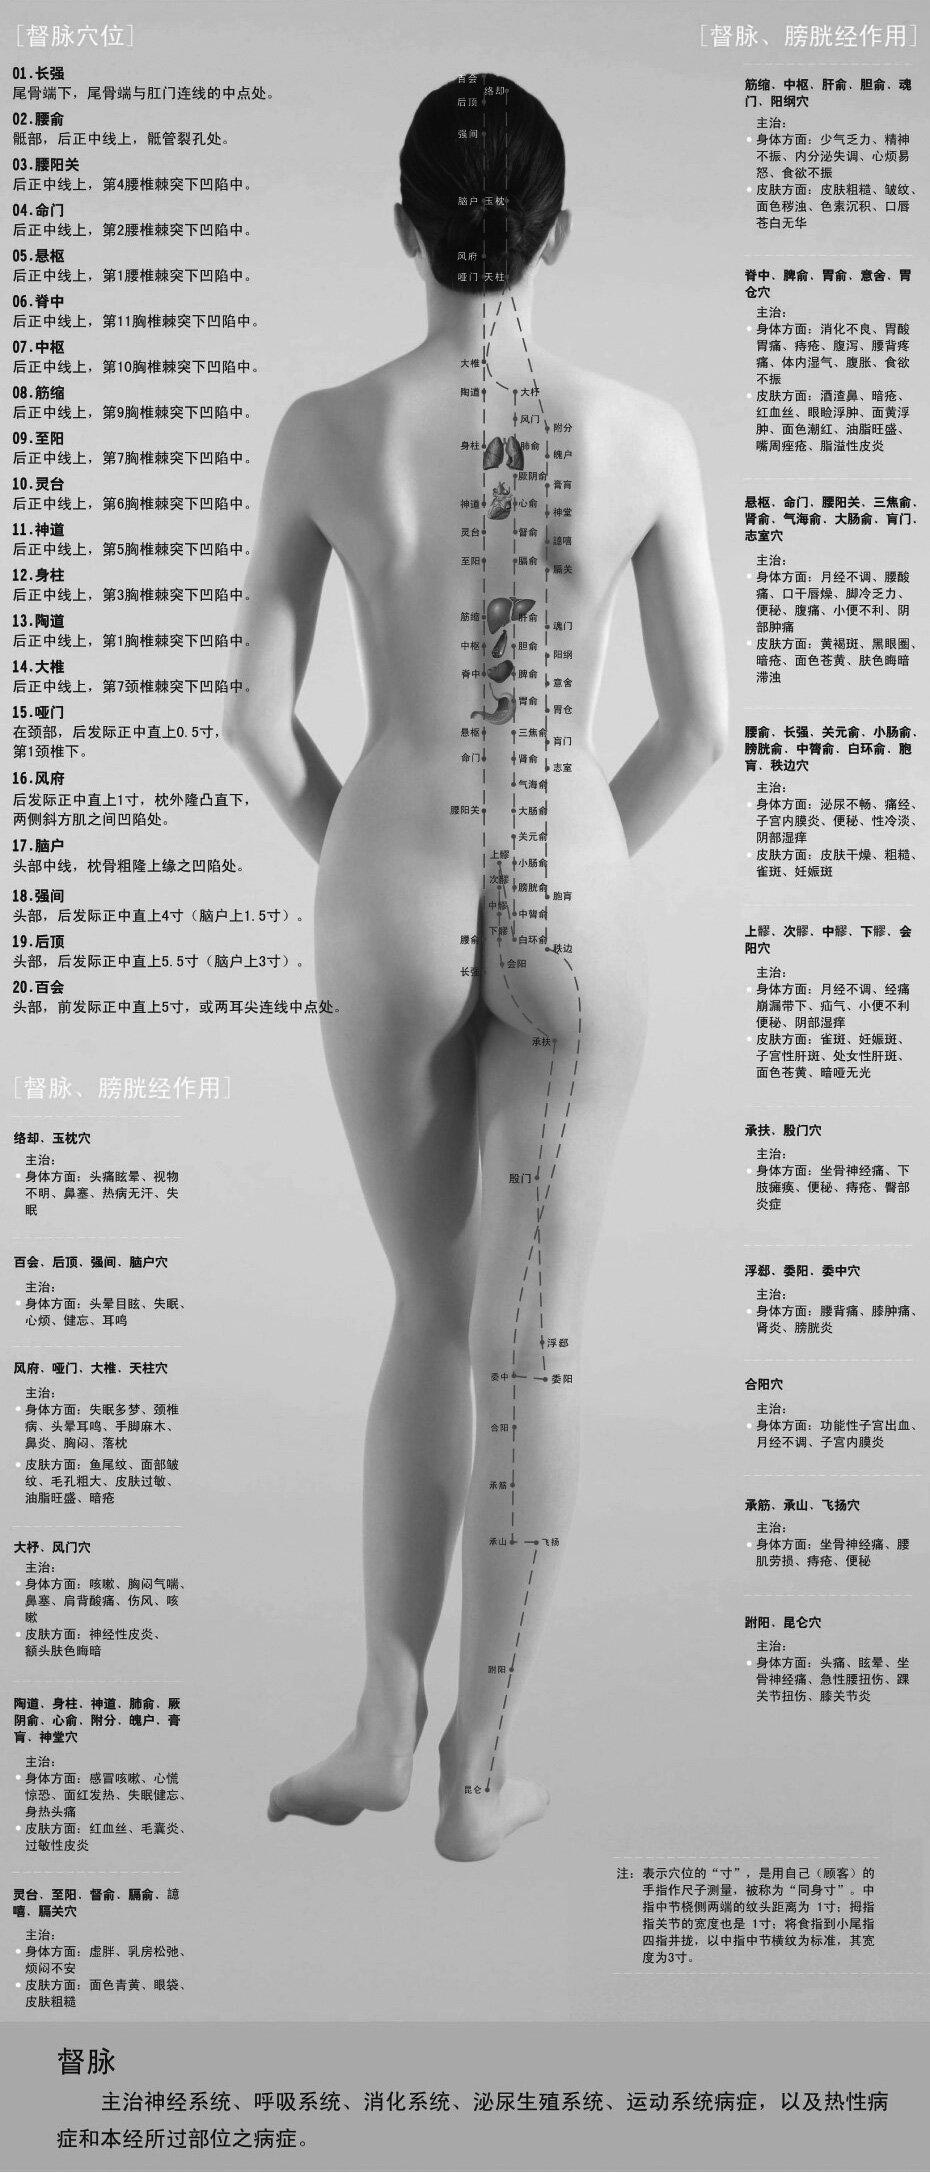 人体背部穴位图解大全 人体背部穴位对应器官